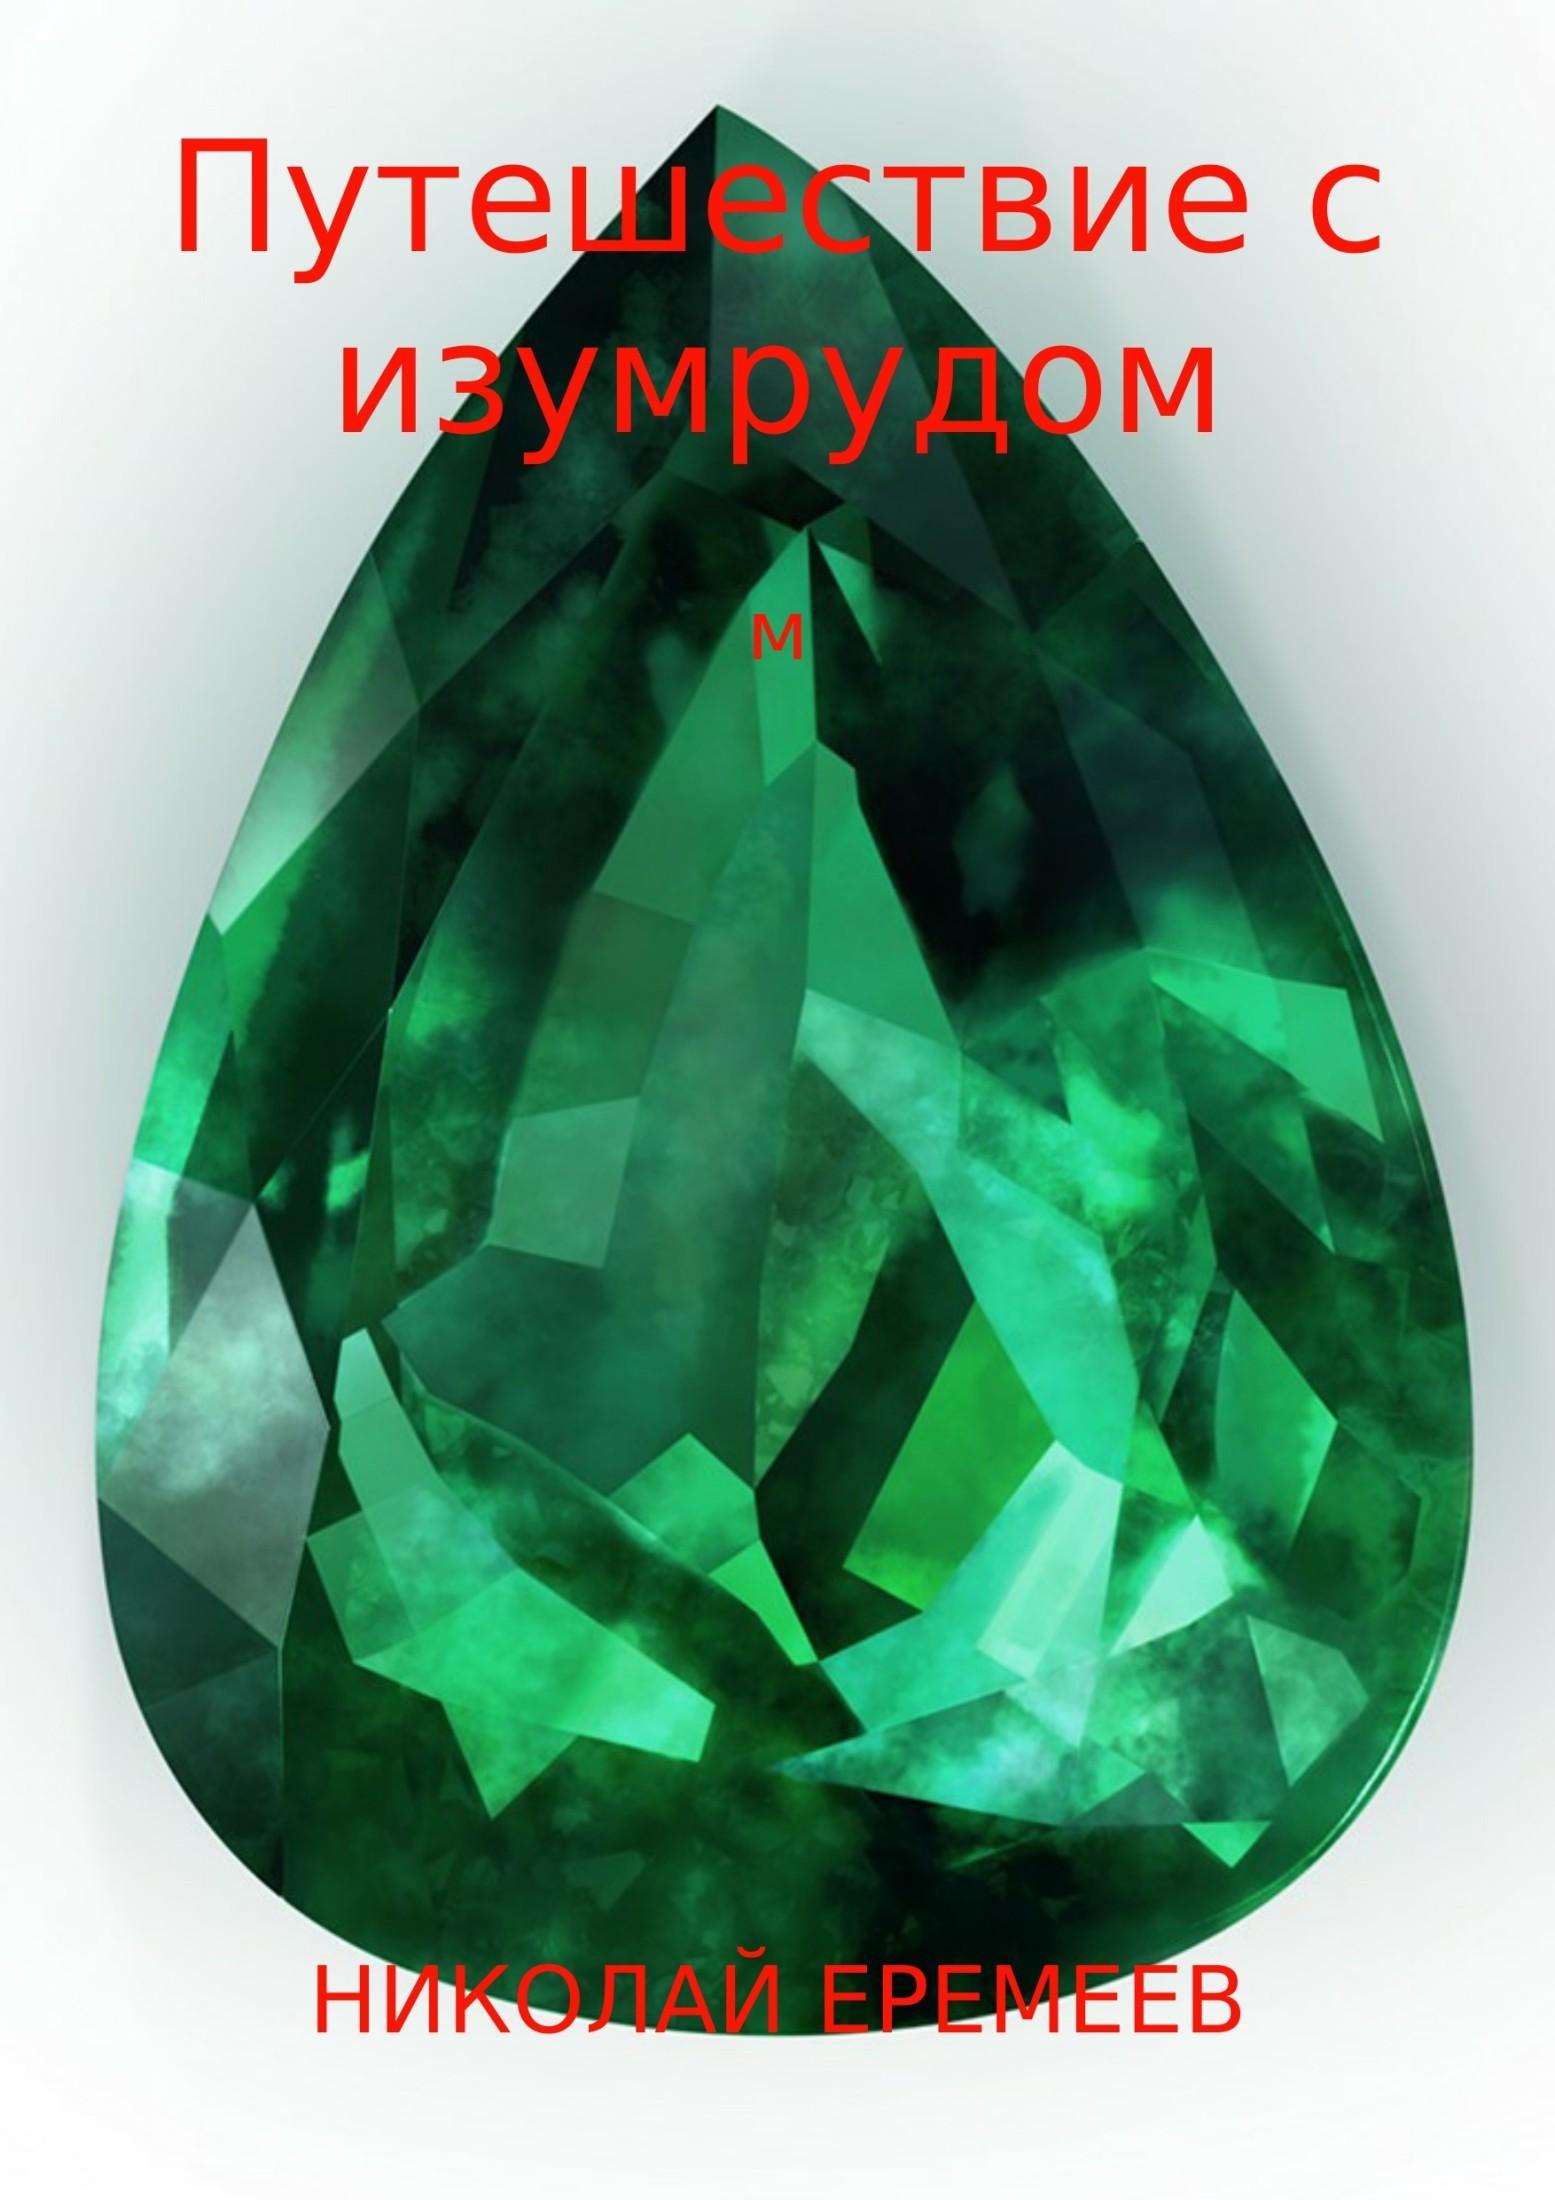 Николай Еремеев. Путешествие с изумрудом